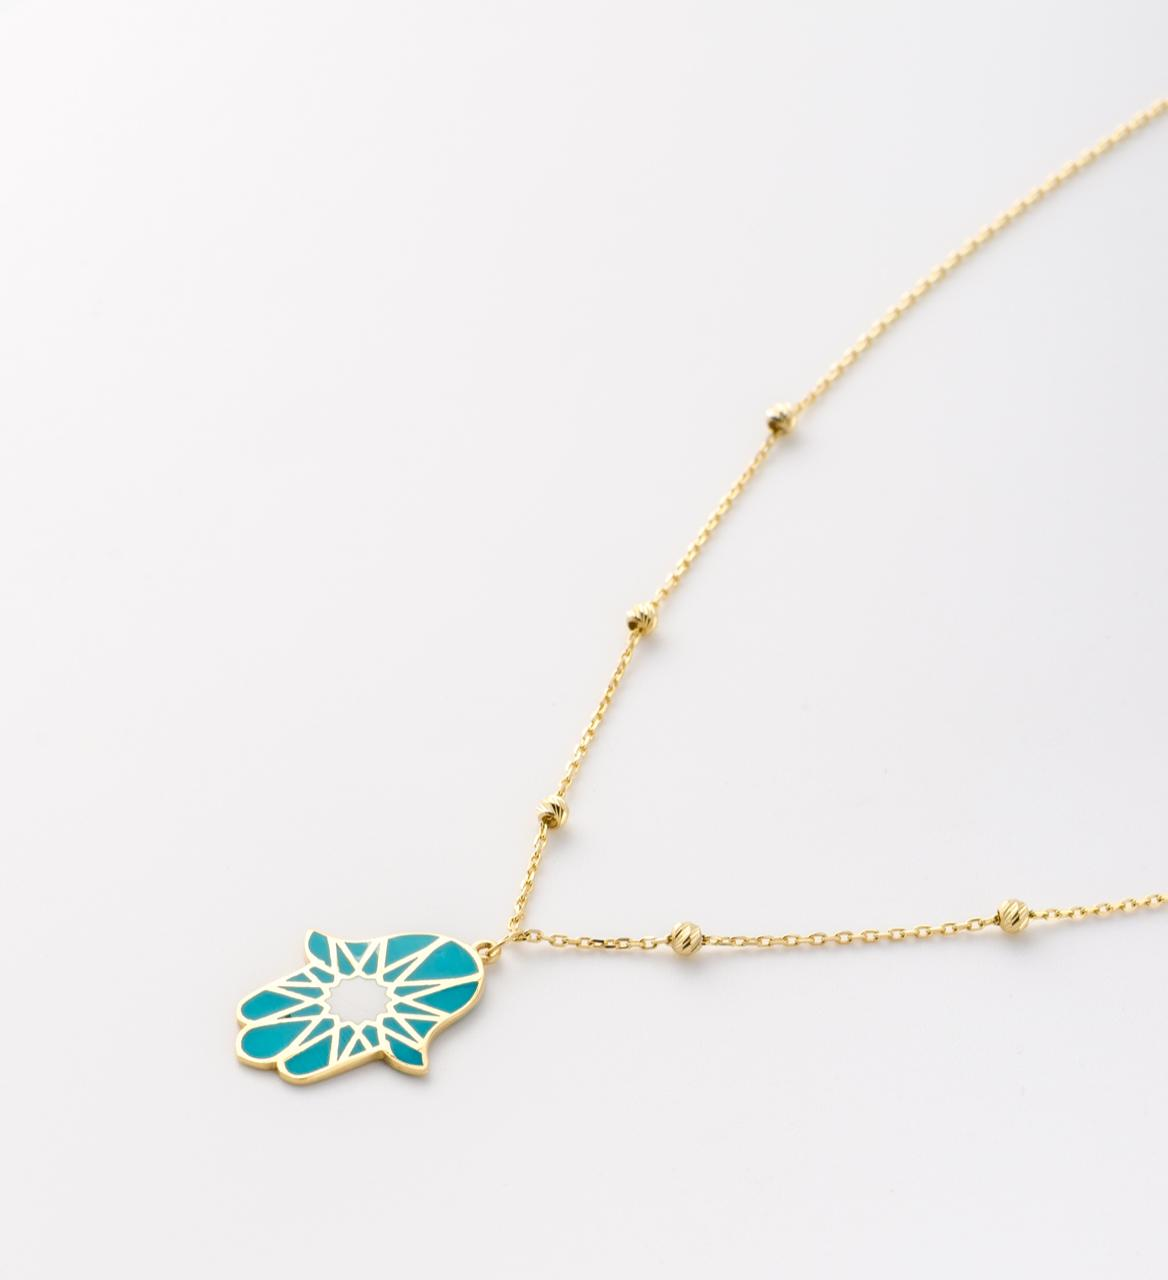 سلسلة بشكل كف من الريس للمجوهرات Alraies